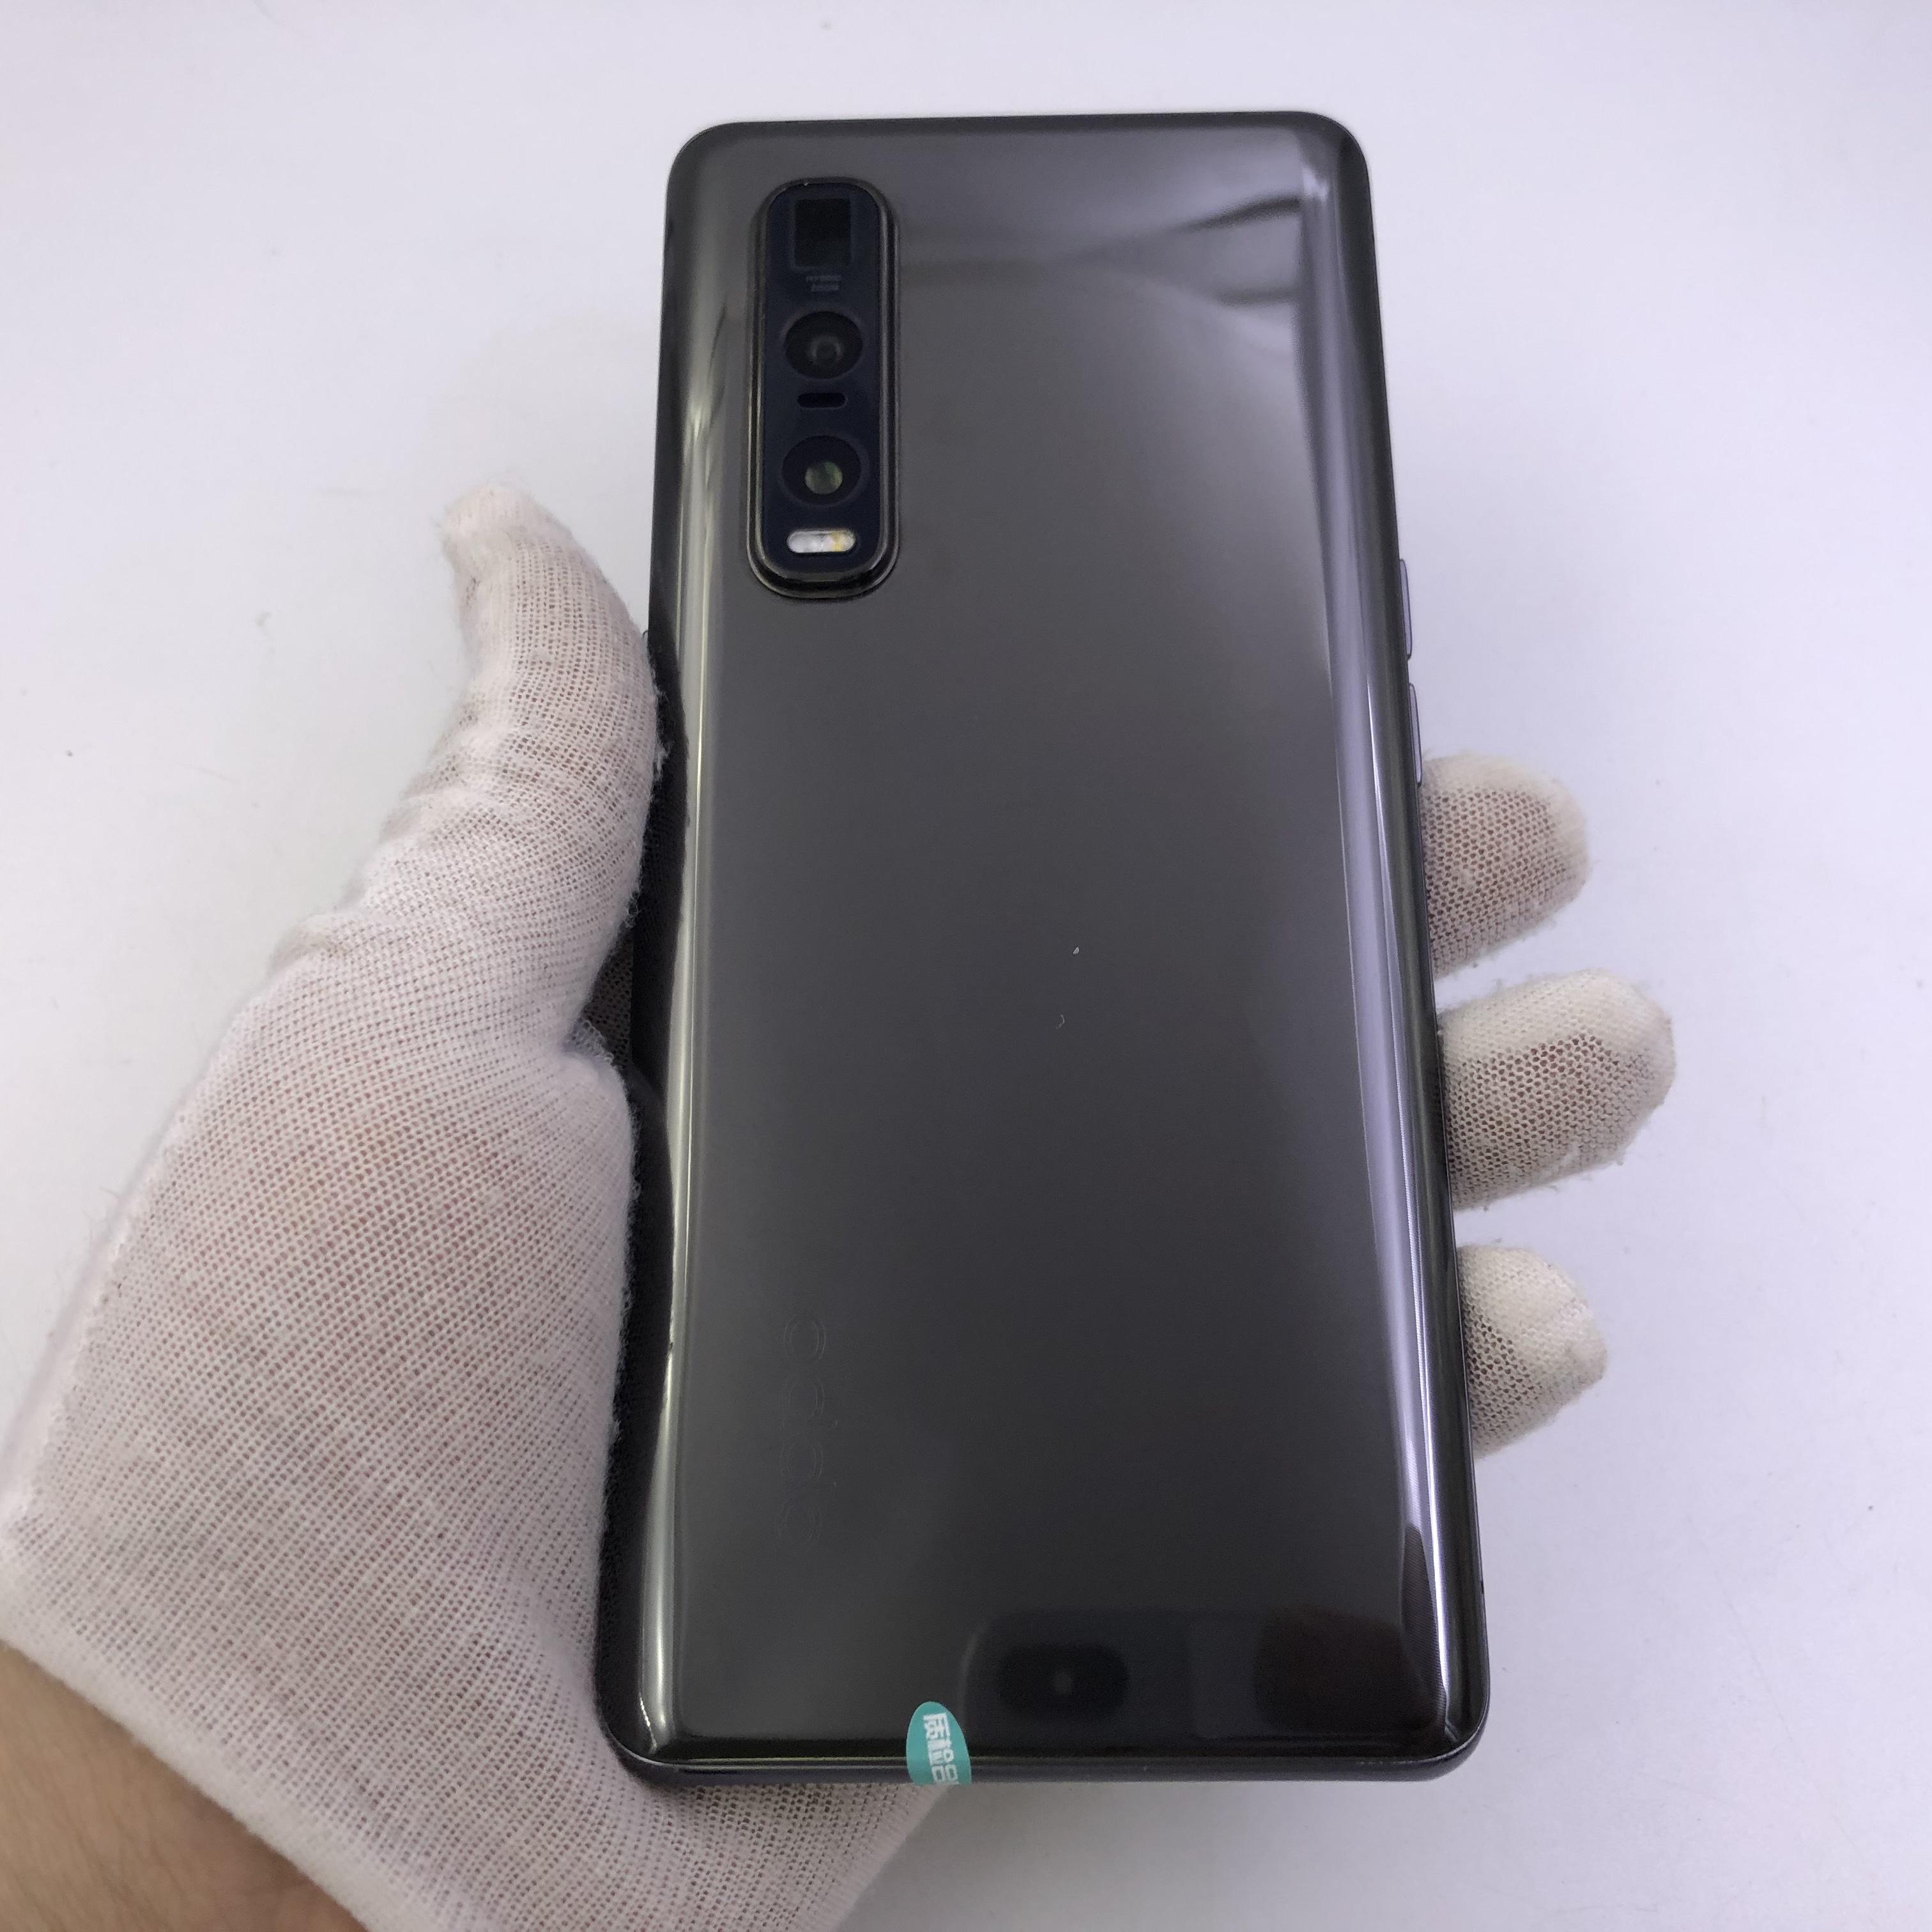 oppo【Find X2 Pro 5G】4G全网通 缎黑 12G/256G 国行 8成新